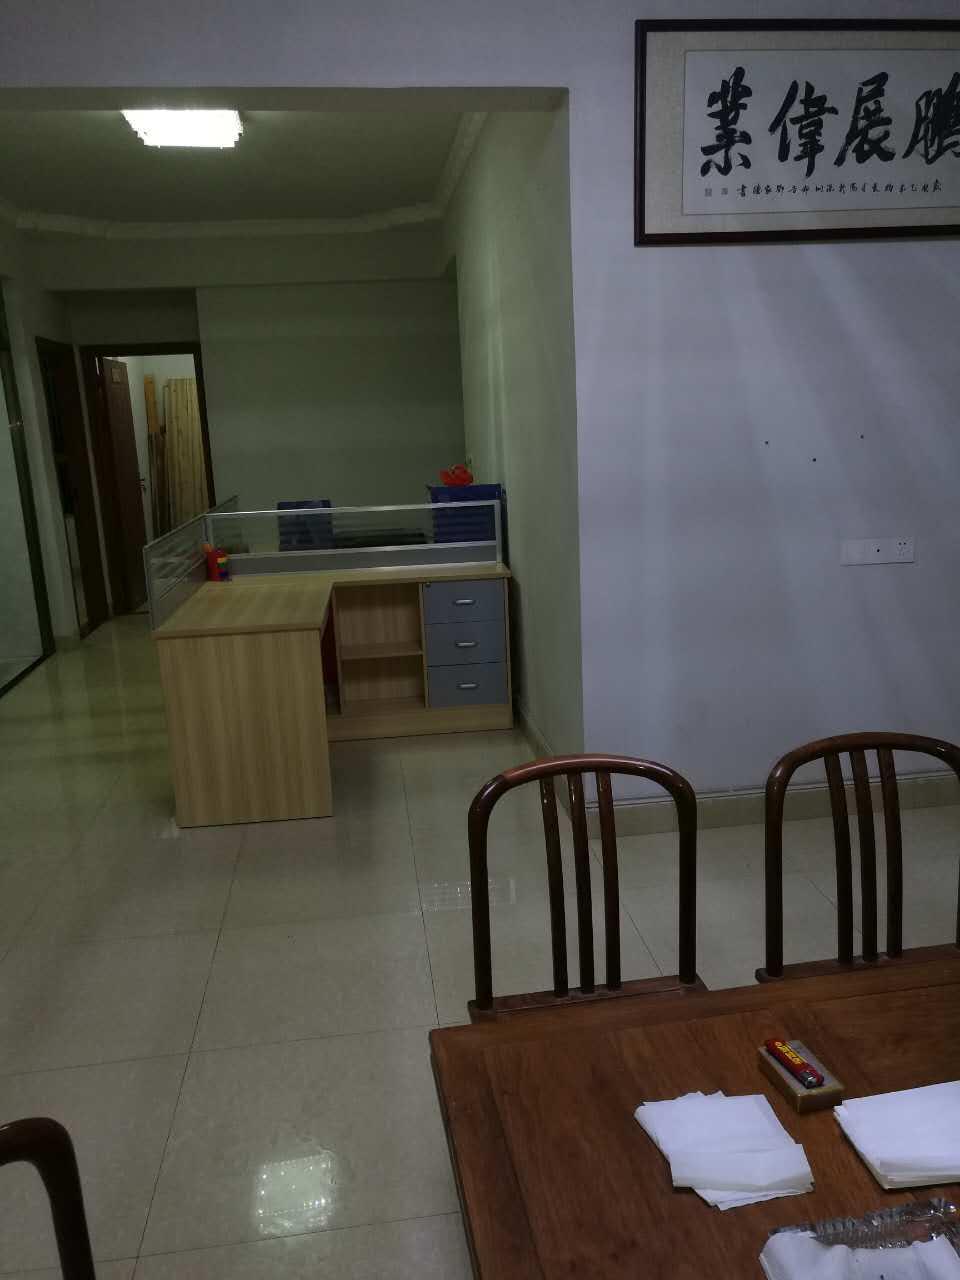 深圳公明楼村小产权三房110平米58万,户型方正实用 跳蚤市场 个人房源 深圳 三房二厅 第13张